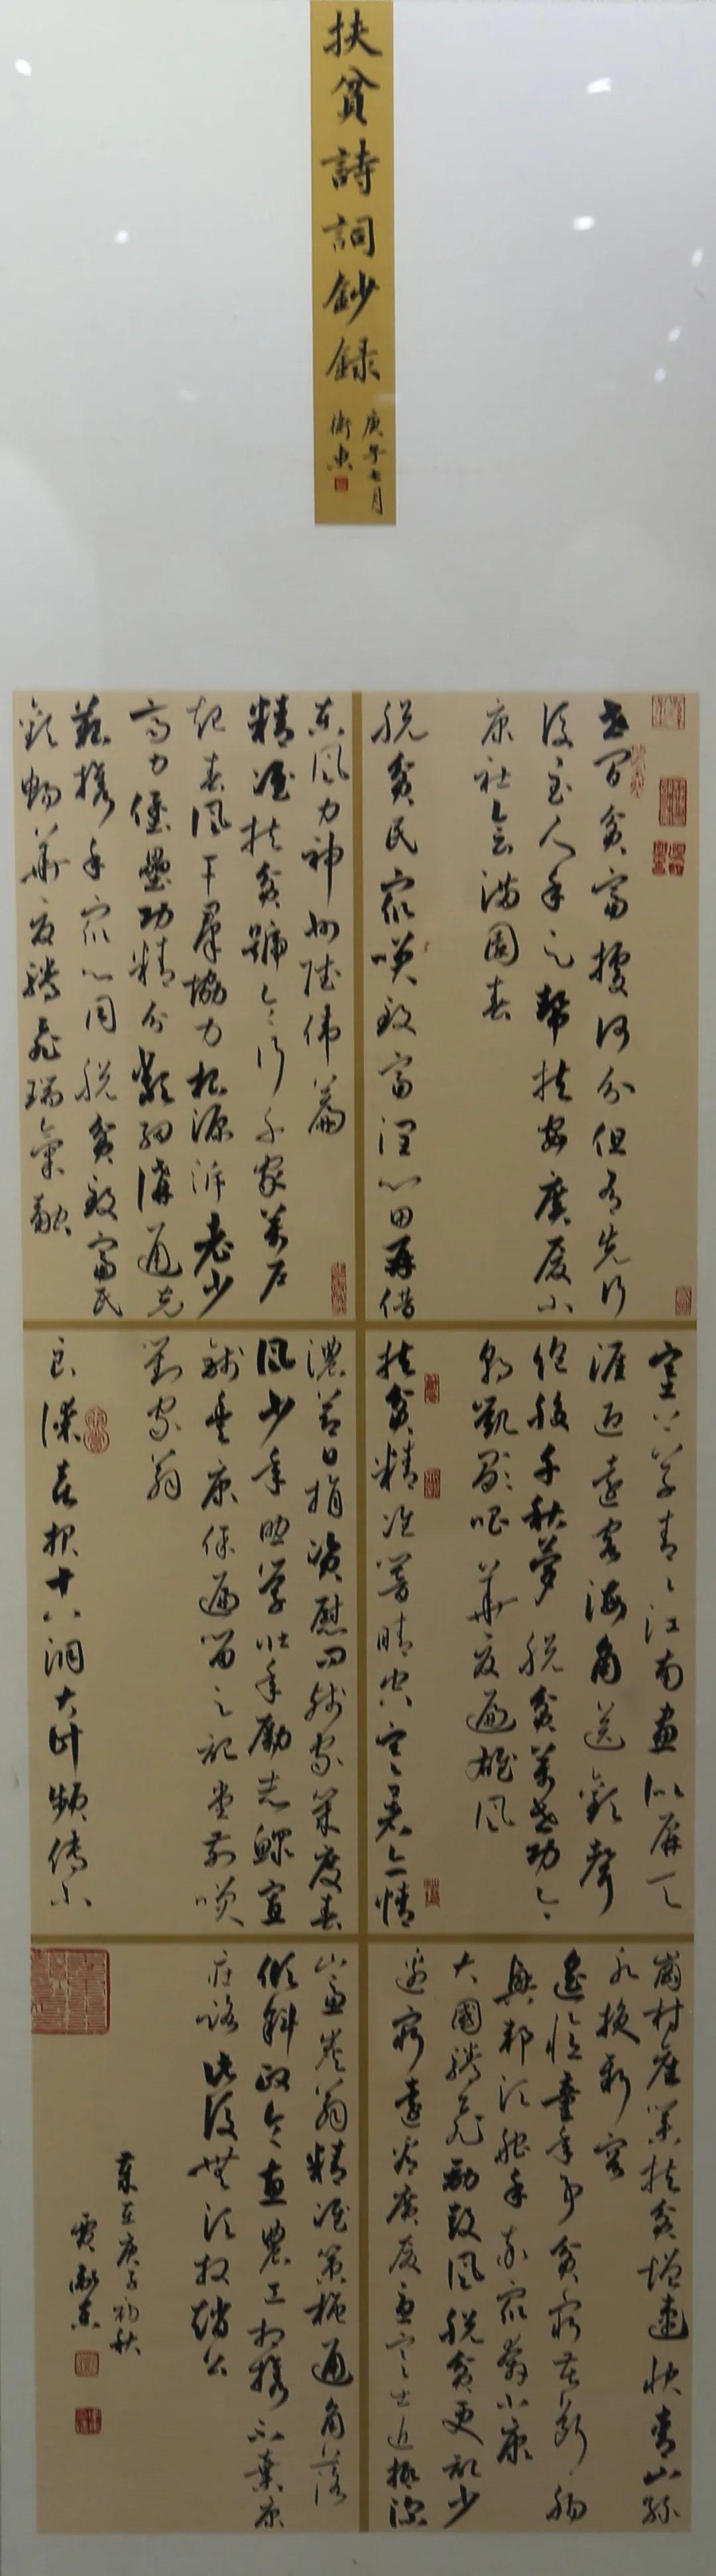 传承红色文化 携手共迎小康 苏皖两省六市书画展在蚌埠开幕(图36)